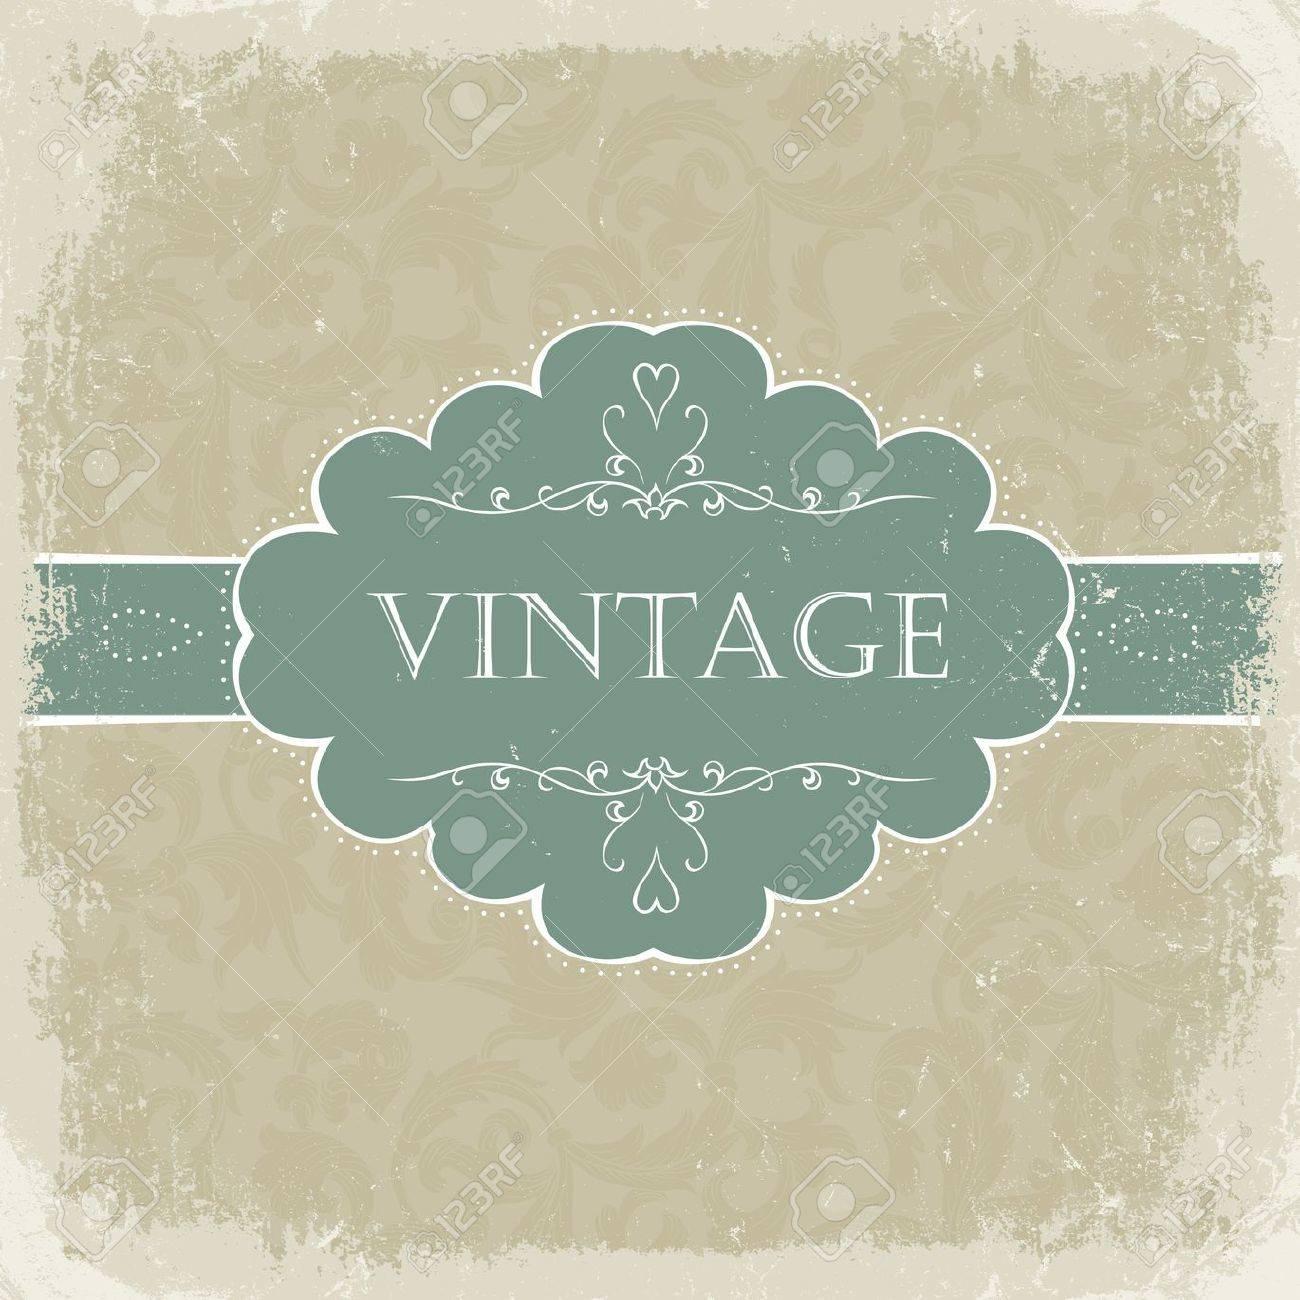 Beige vintage greetings. Stock Photo - 7985126